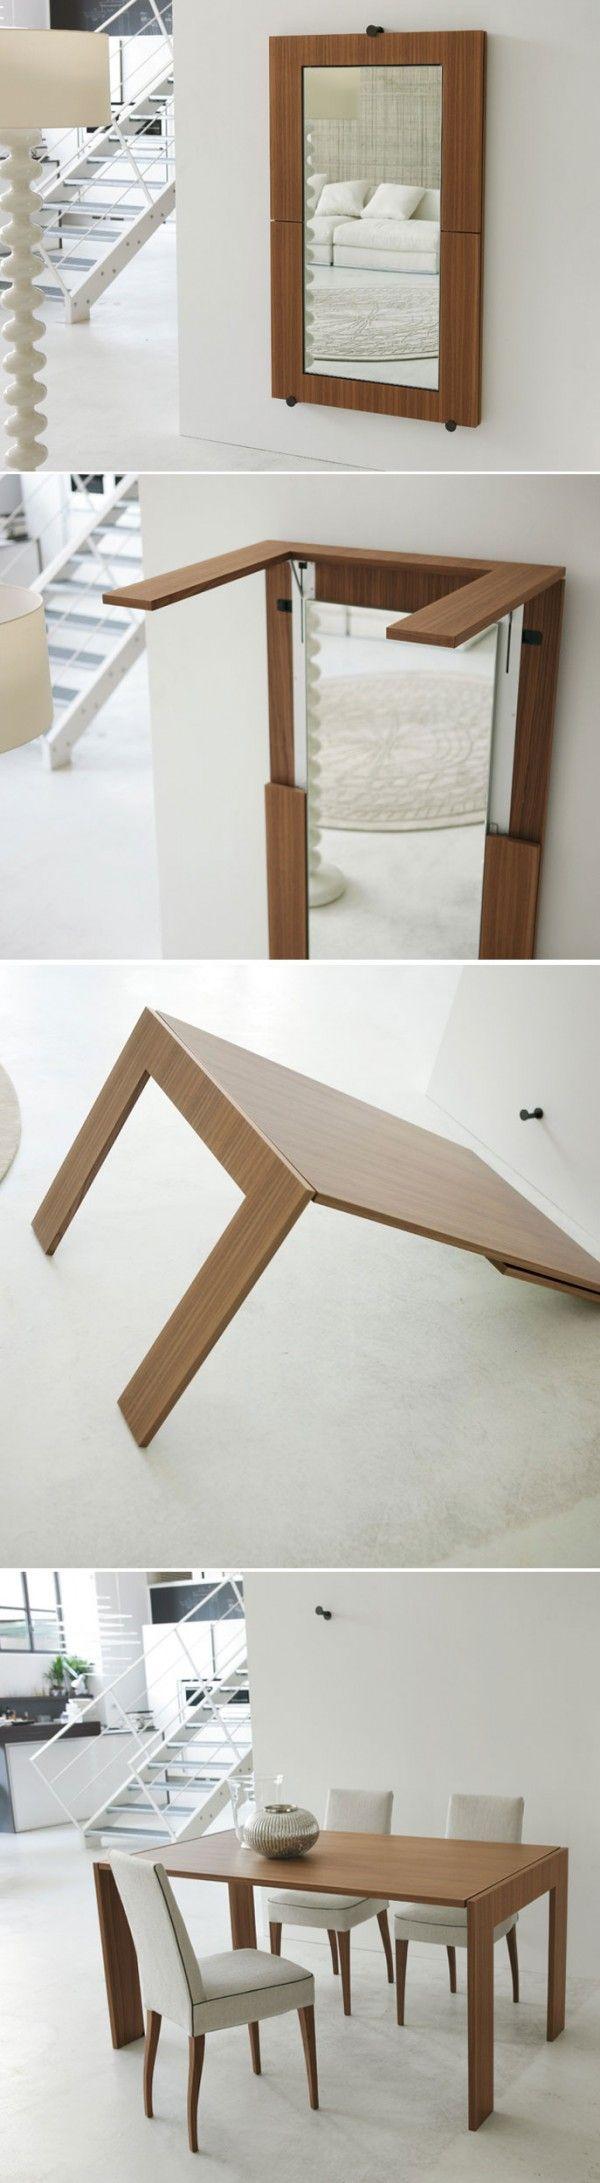 30 Idees De Tables A Manger Extensibles Design Table A Manger Extensible Table Gain De Place Table Salle A Manger